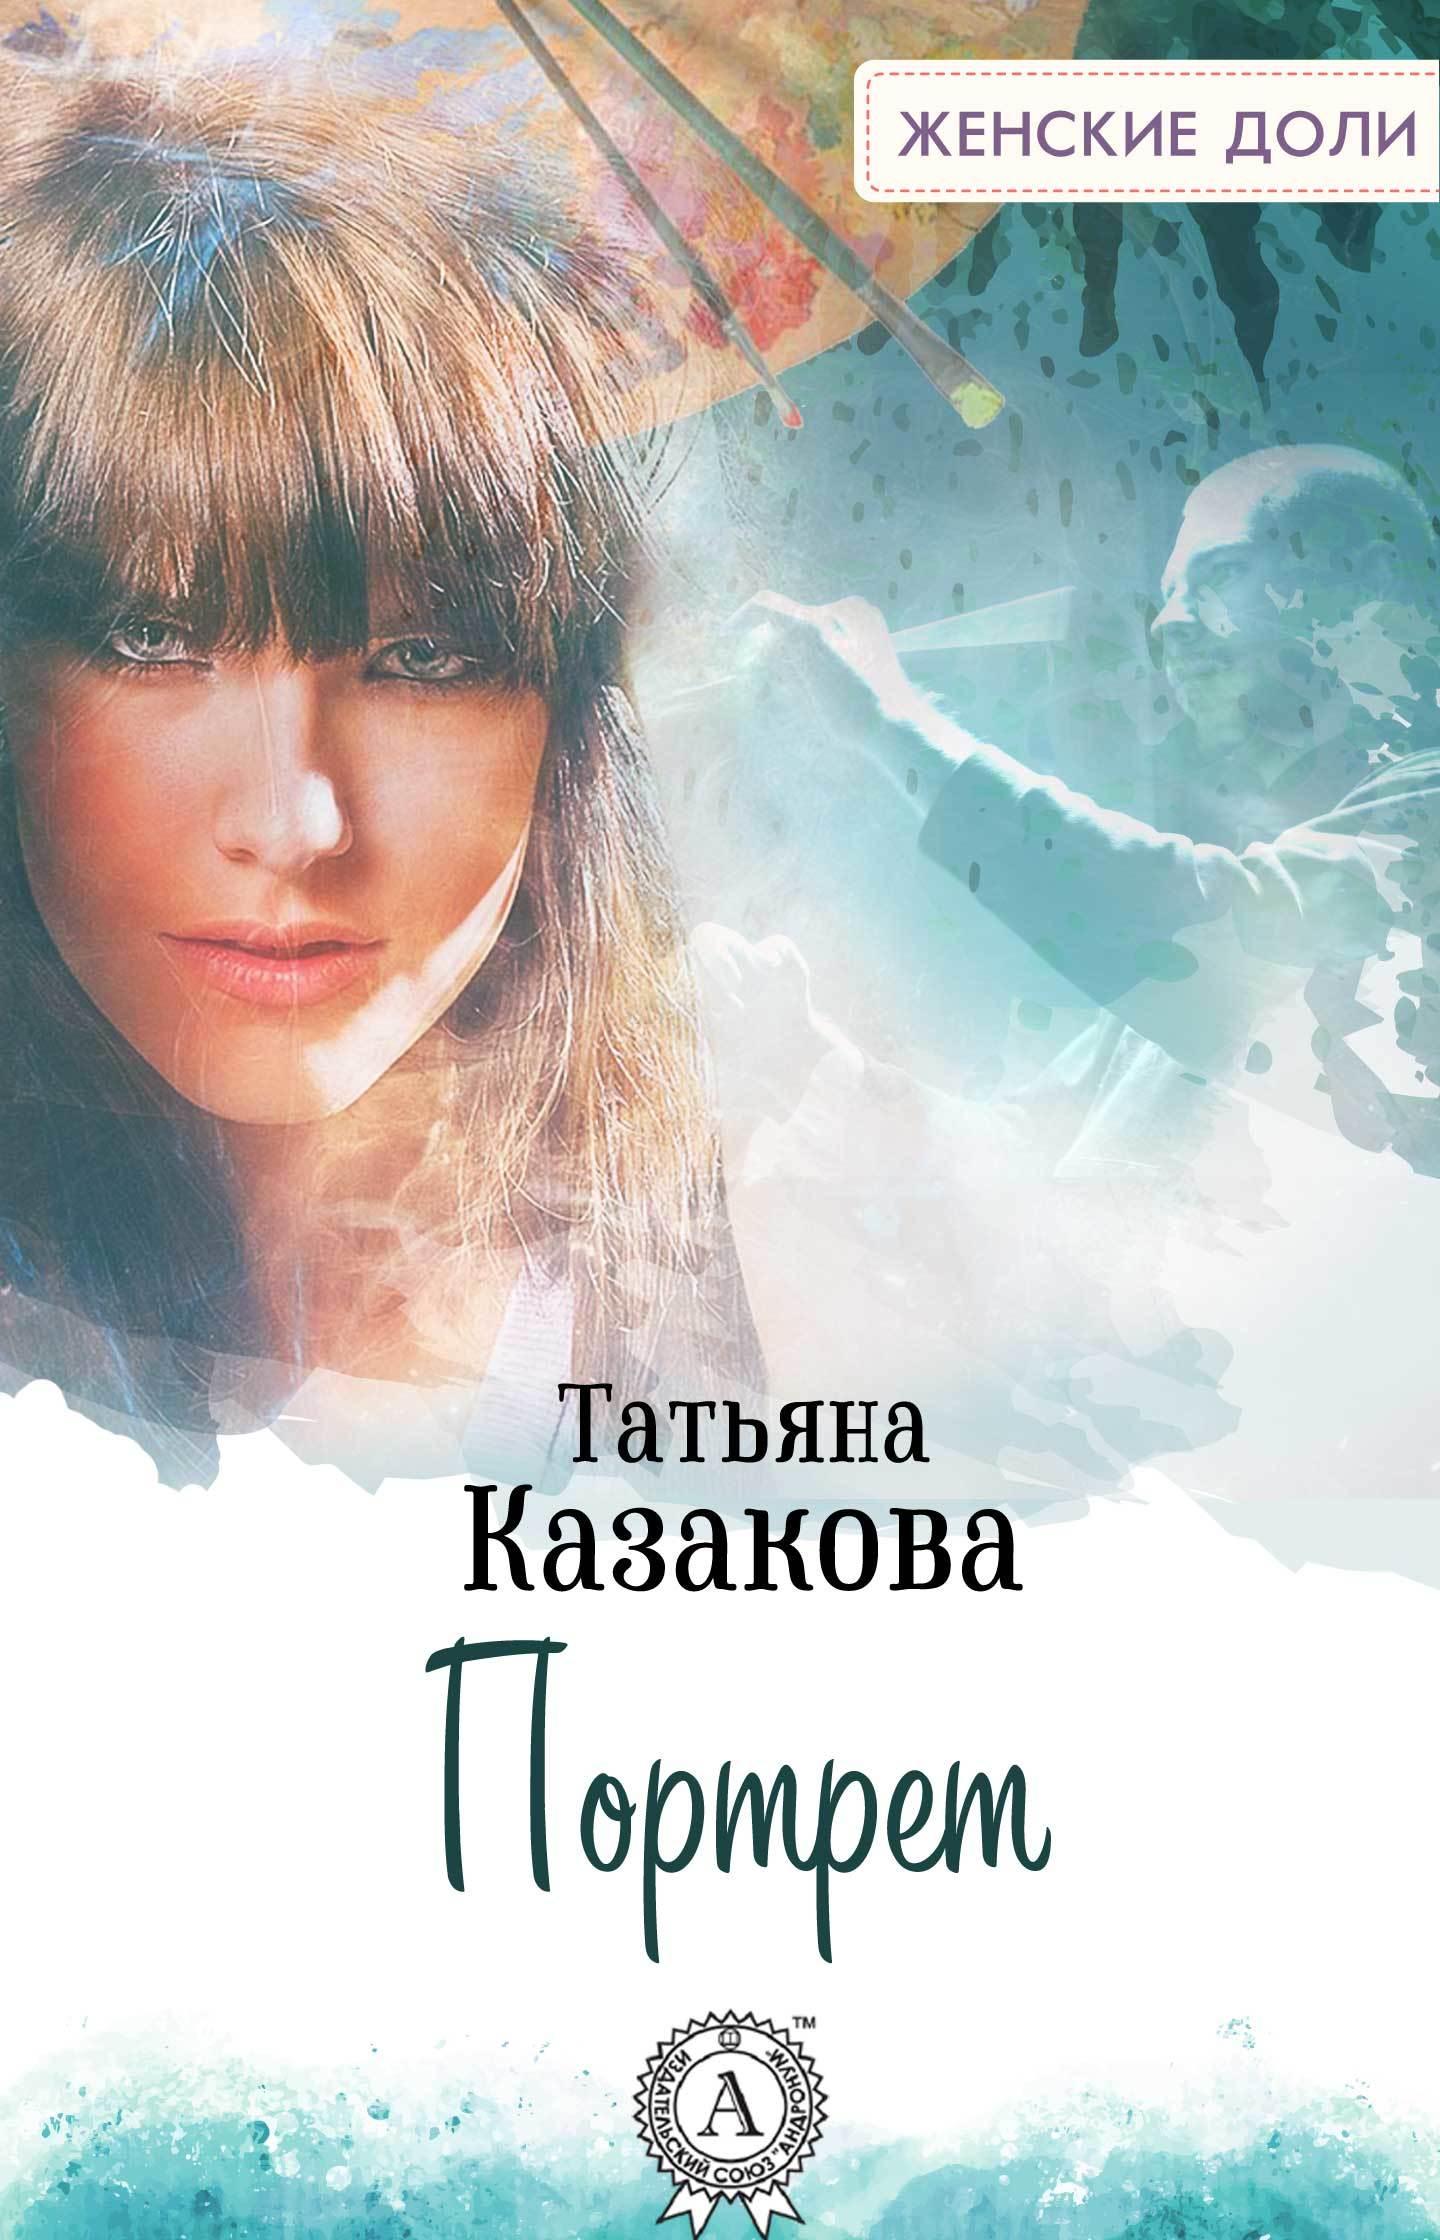 Татьяна Казакова «Портрет»